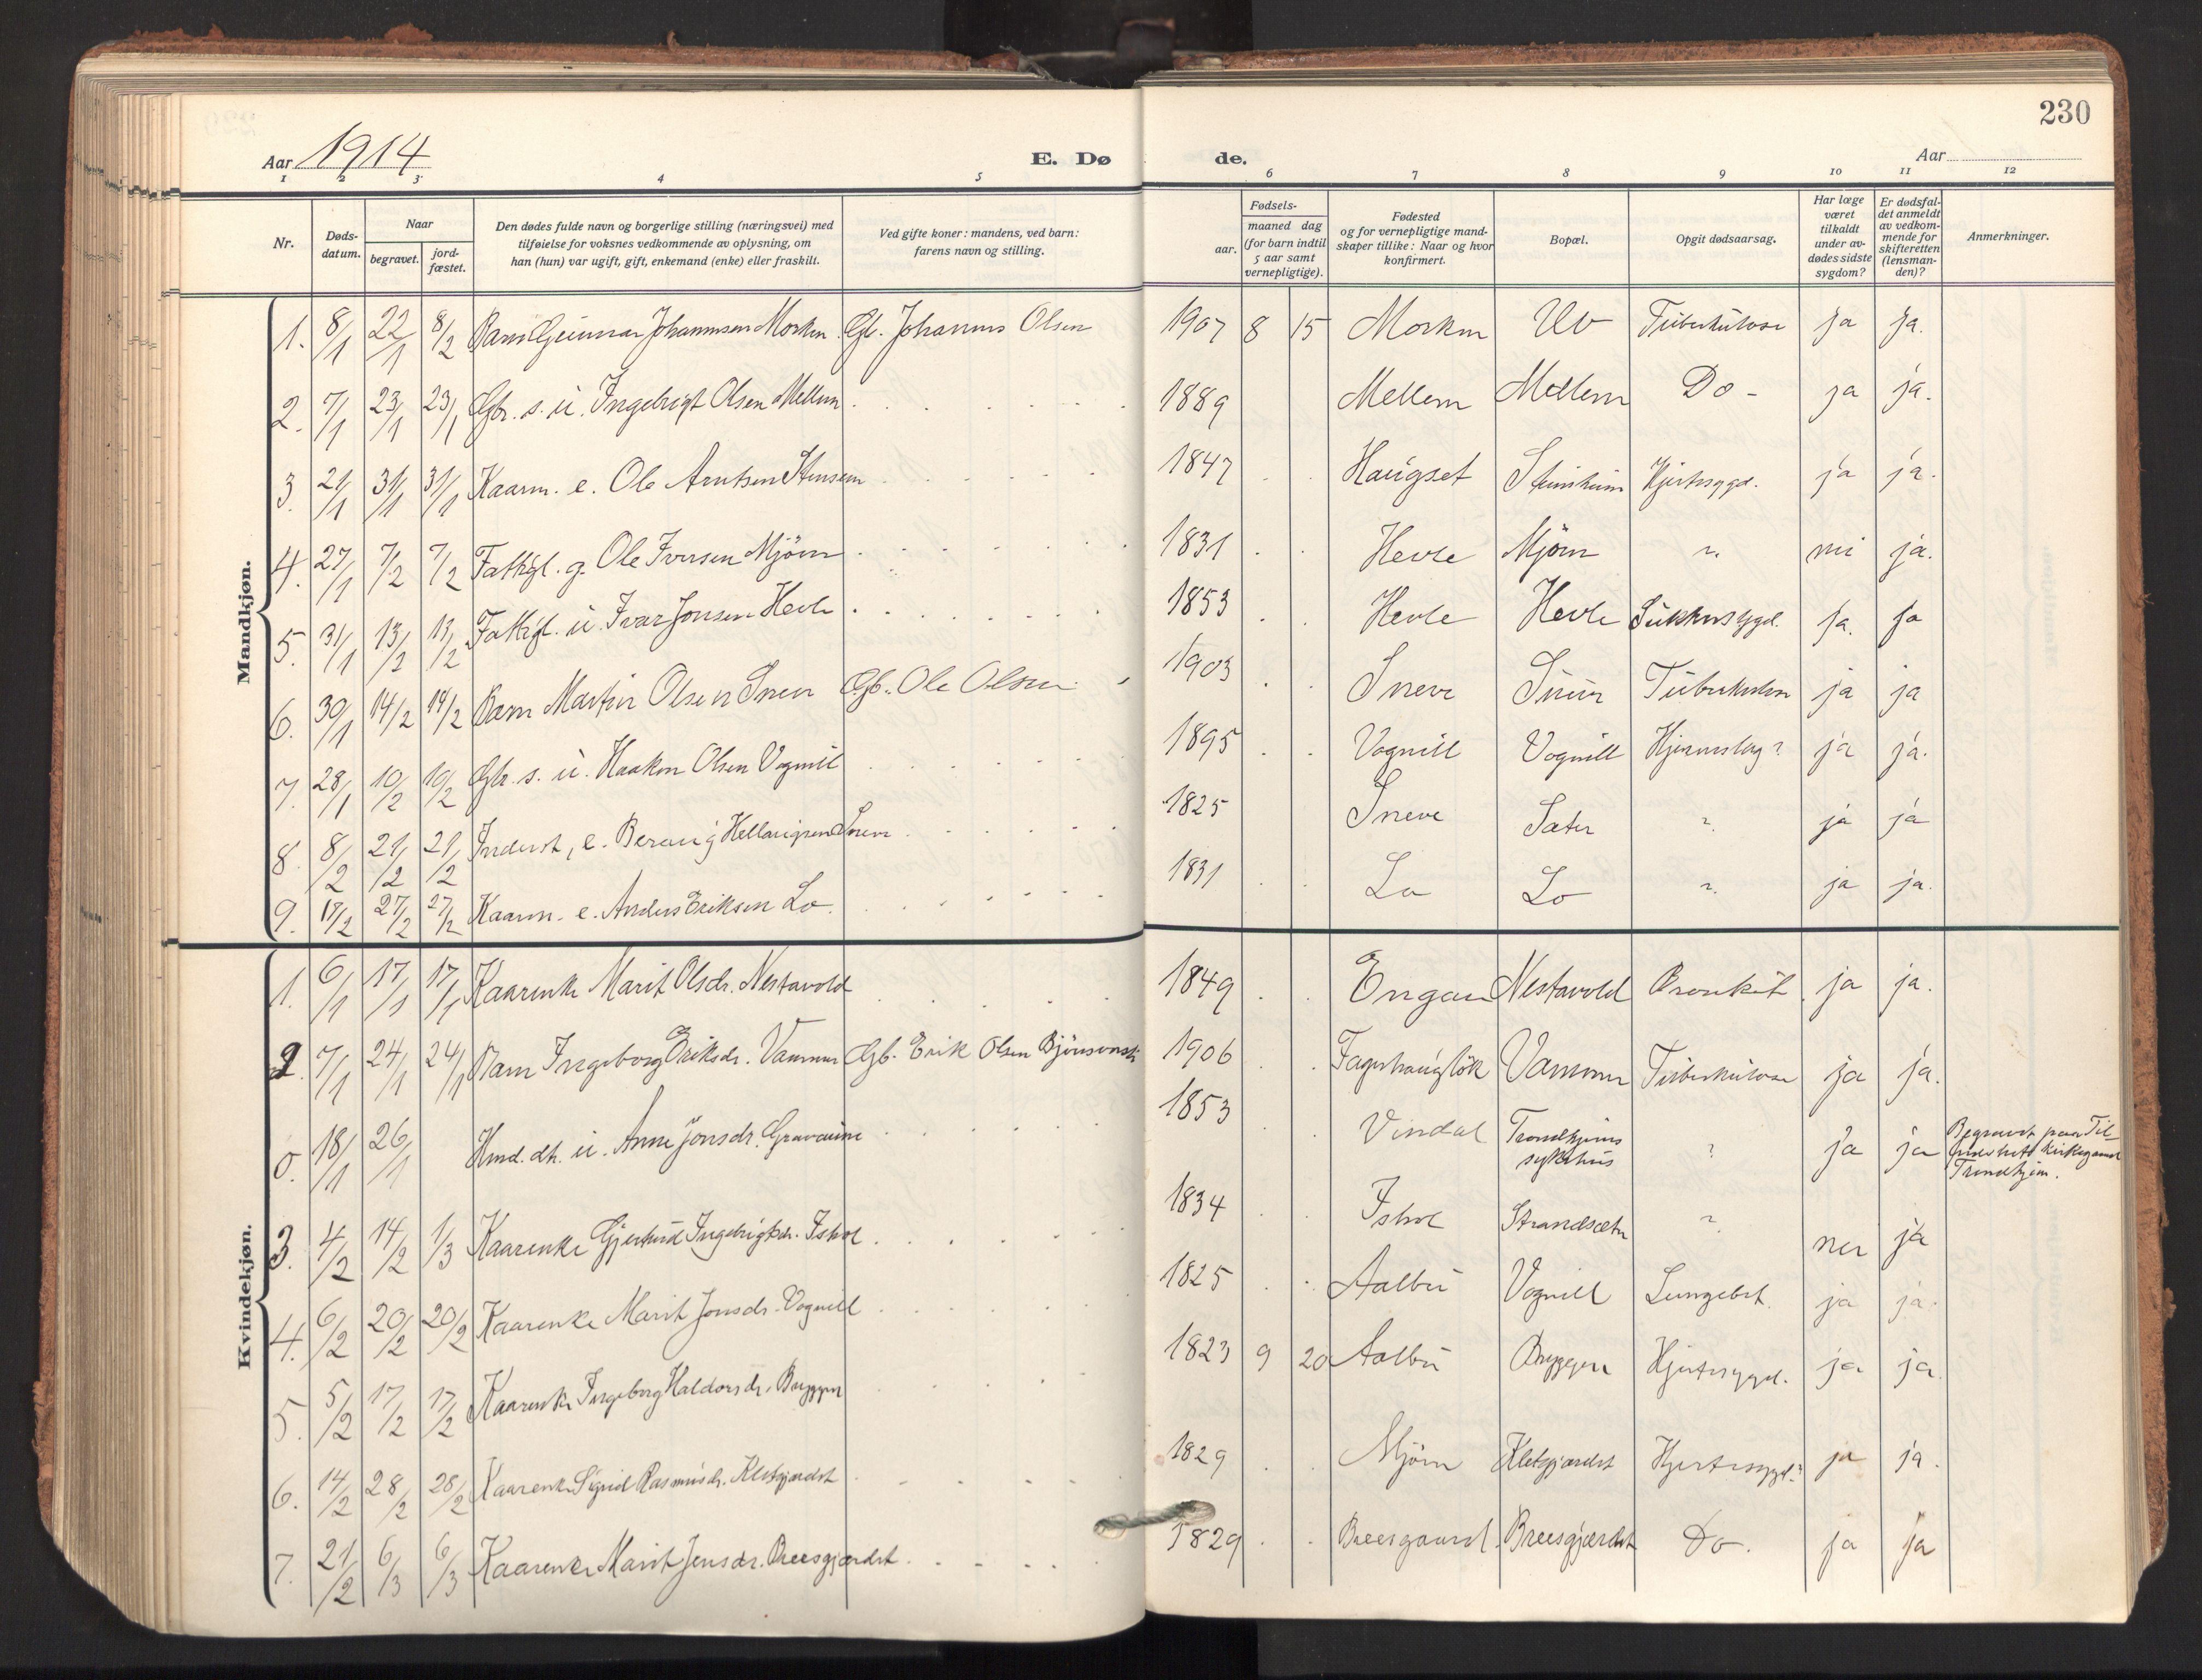 SAT, Ministerialprotokoller, klokkerbøker og fødselsregistre - Sør-Trøndelag, 678/L0909: Ministerialbok nr. 678A17, 1912-1930, s. 230